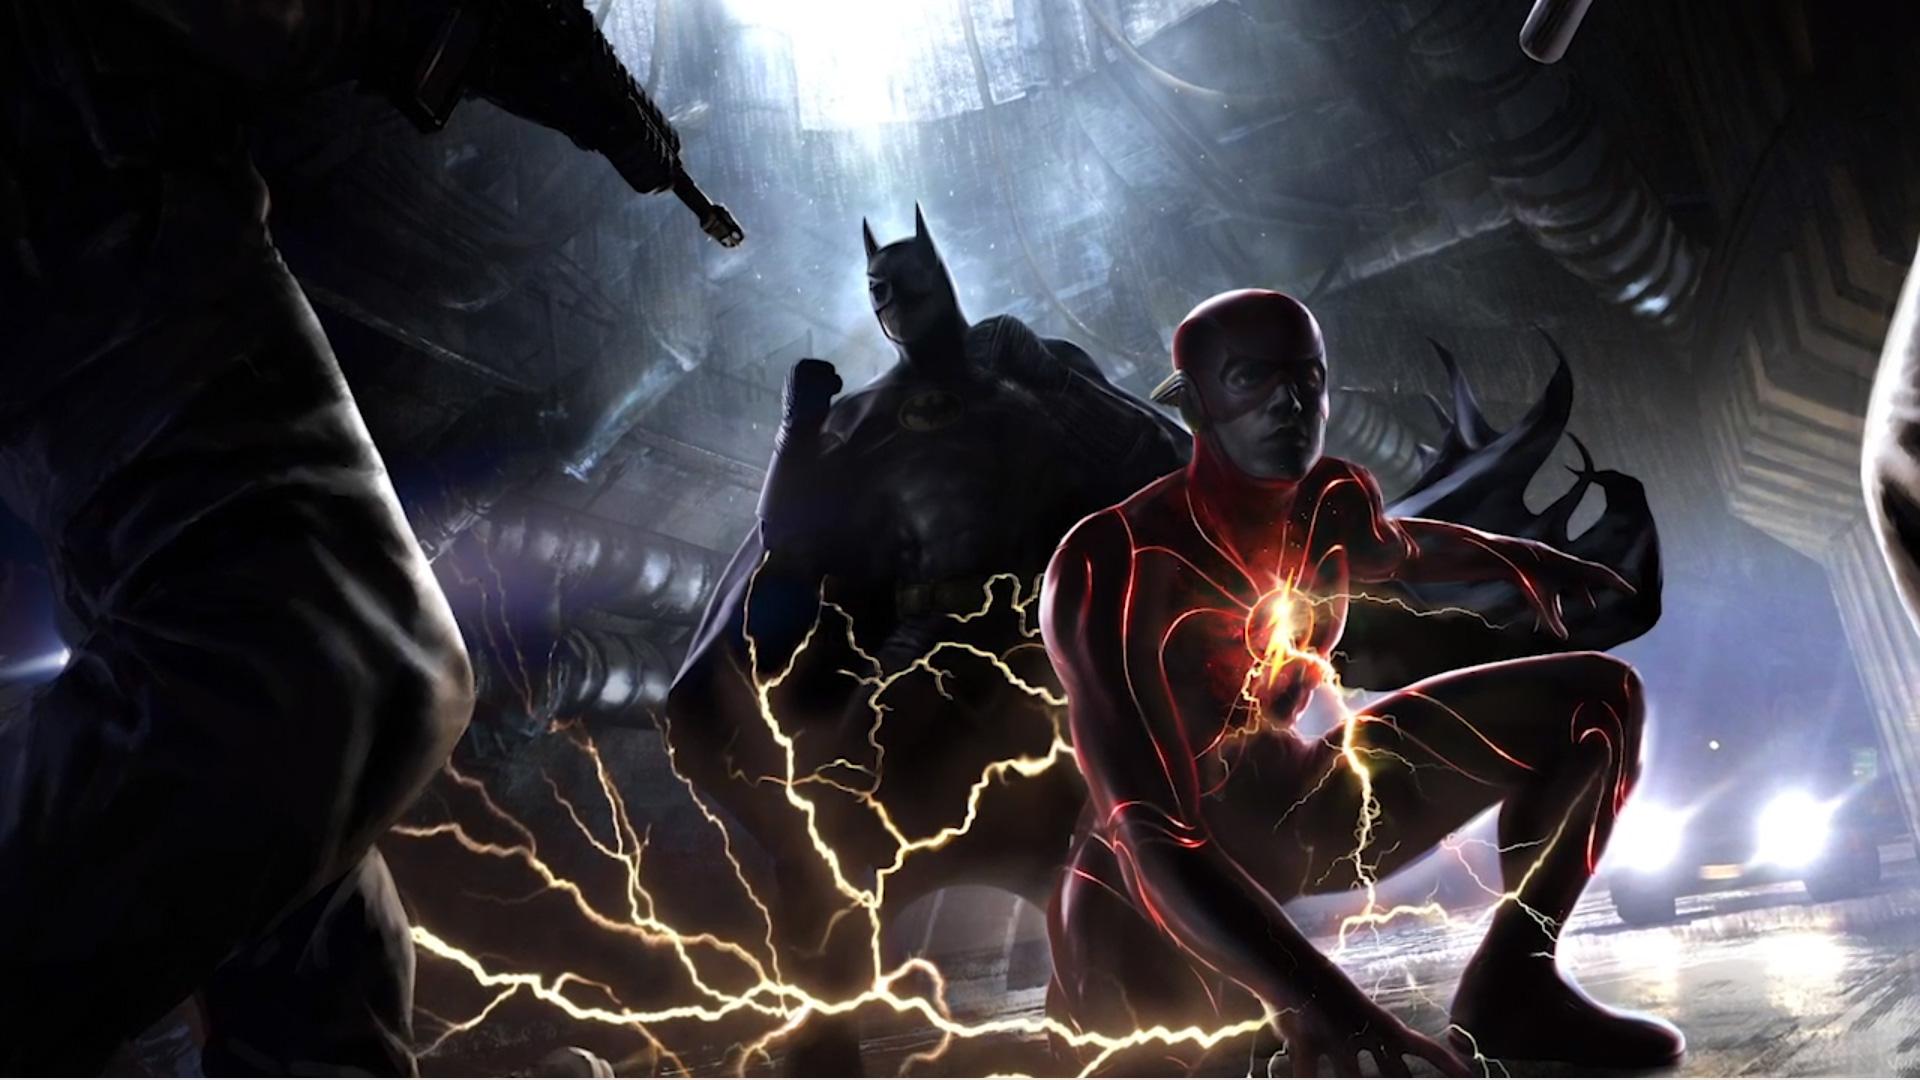 El evento DC Fandome donde se mostrarán las novedades de DC en cine y  televisión | Cine | Entretenimiento | El Universo